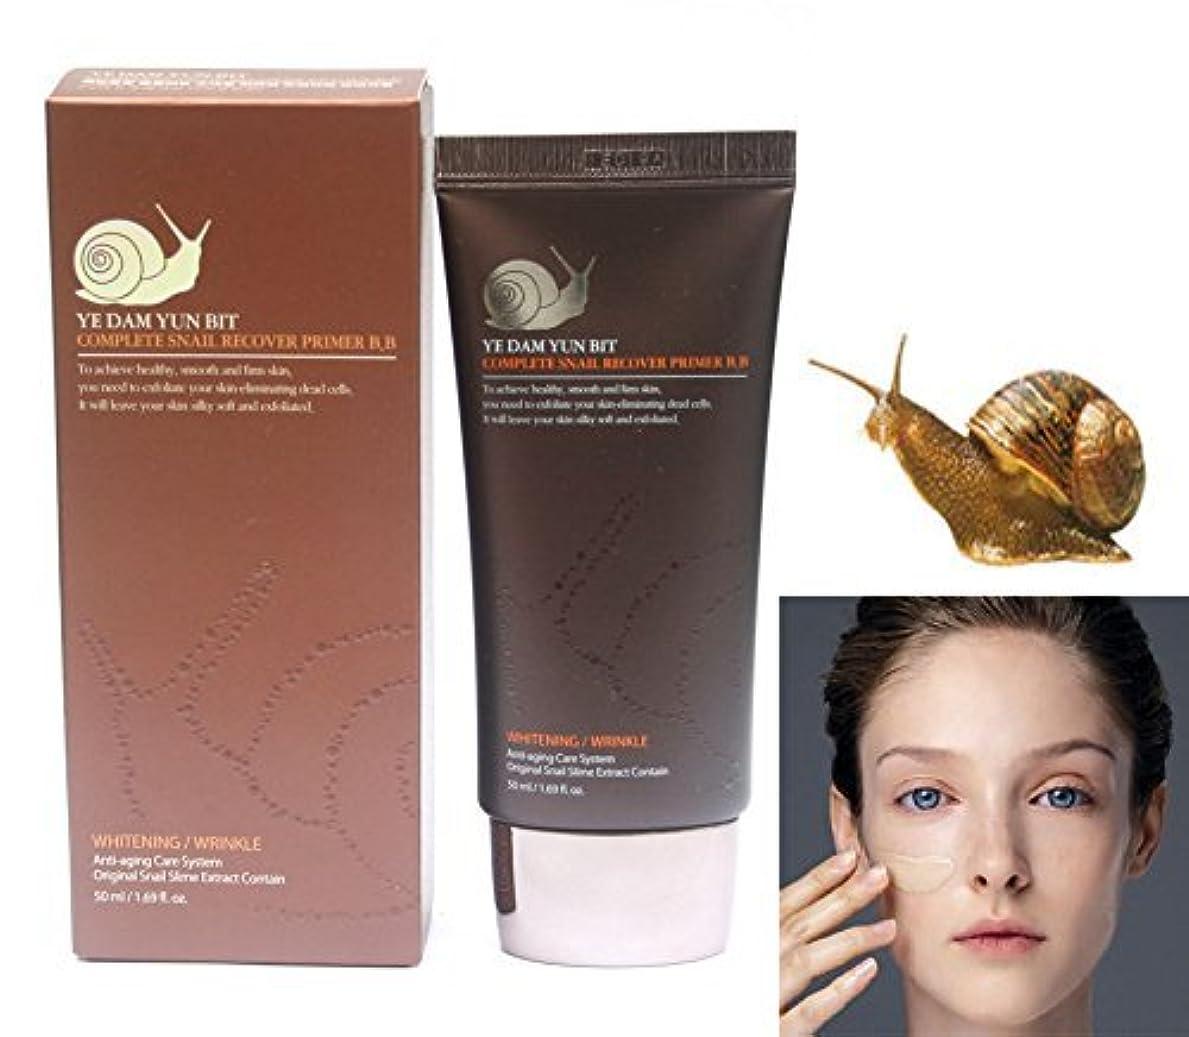 教育学学習者流星[YEDAM YUNBIT] 完全なカタツムリ?リカバリー?プライマーBB 50ml /韓国化粧品 / Complete Snail Recover Primer BB 50ml / Korean Cosmetics (...